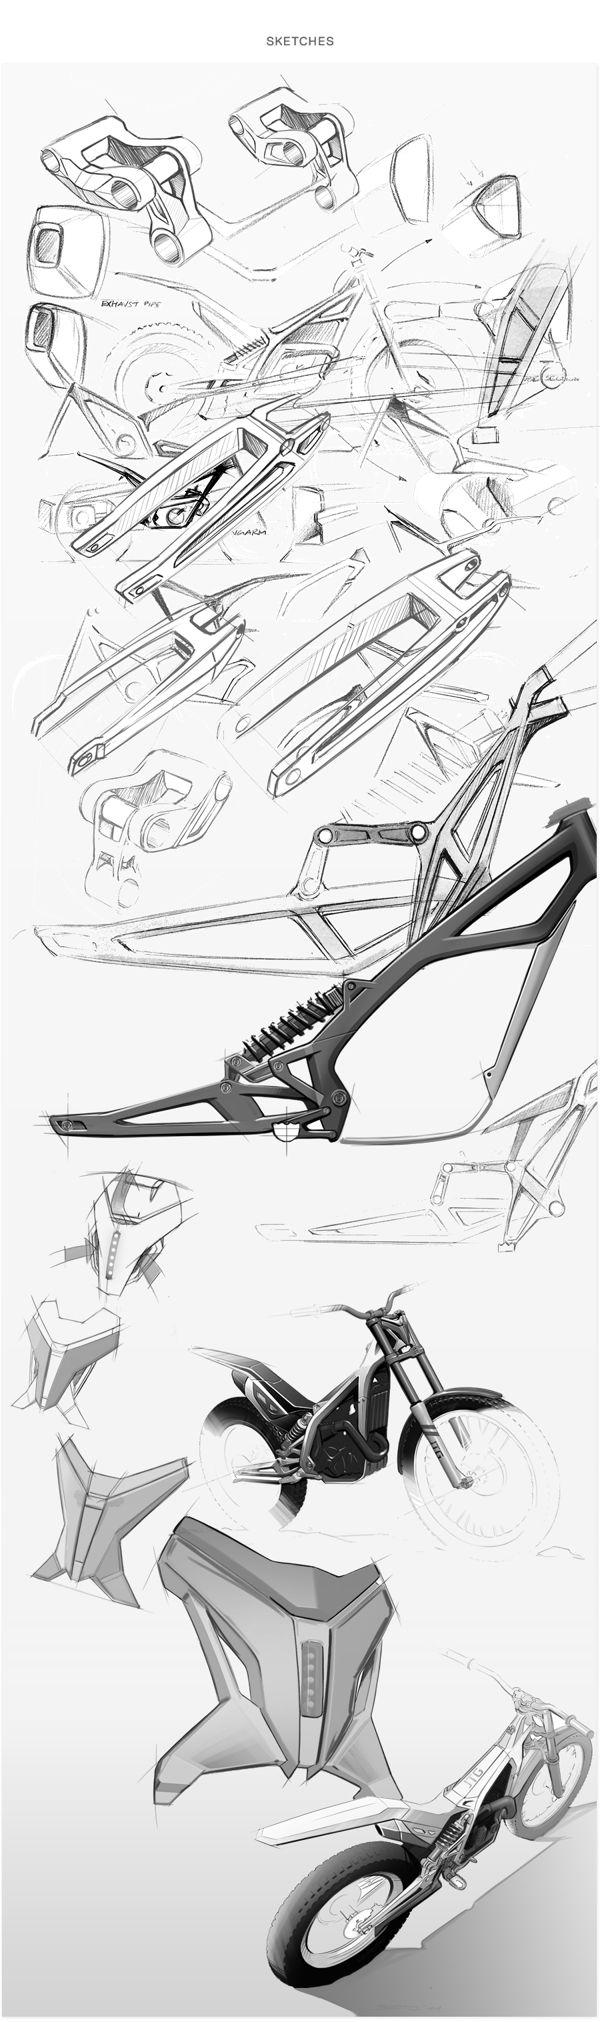 JTG JT 300 by Cero , via Behance. #product #design #sketch